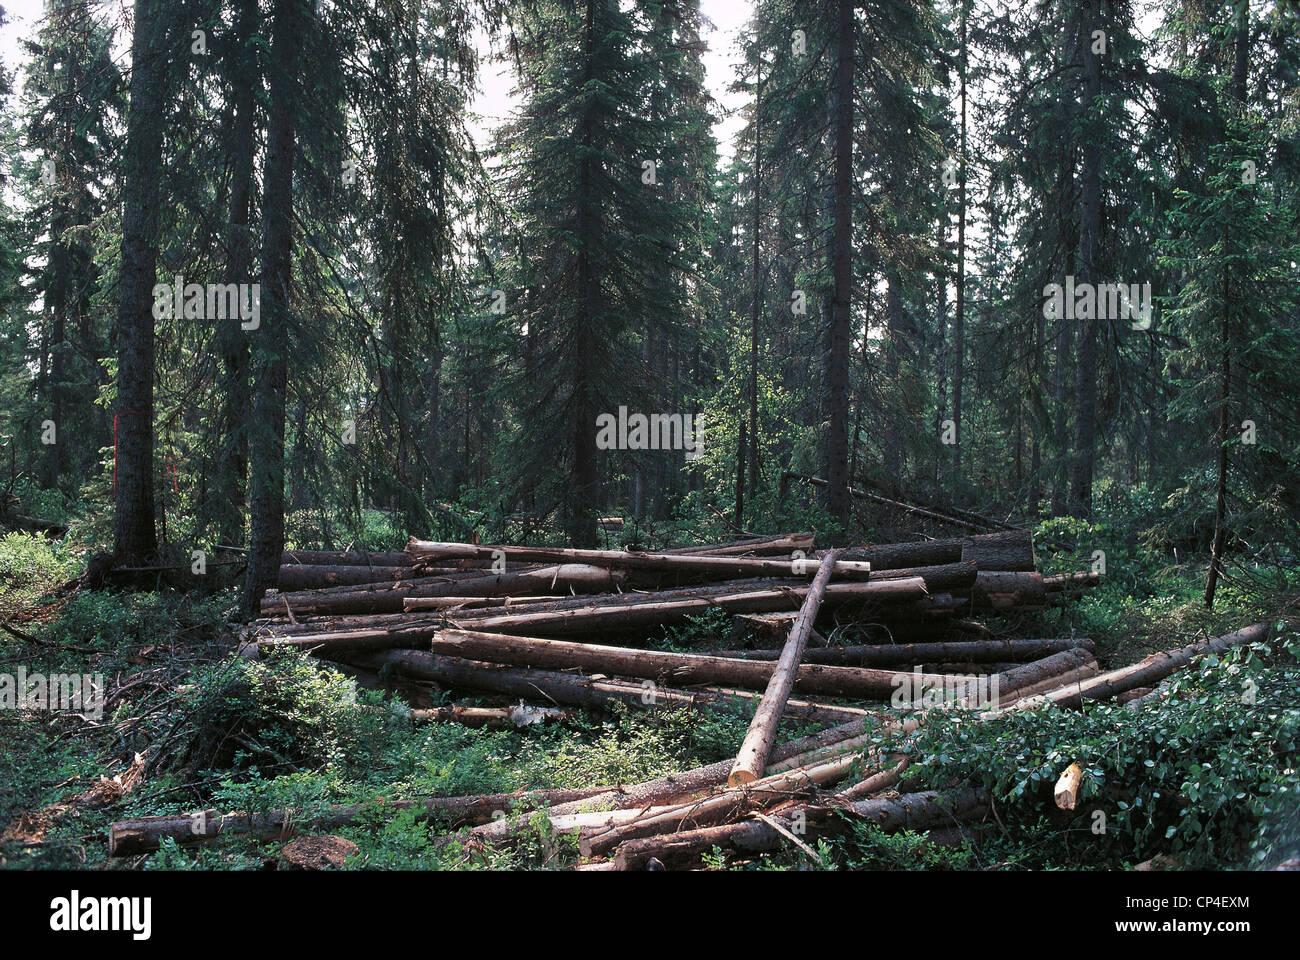 Svezia - Bollstabruck, la deforestazione. Immagini Stock